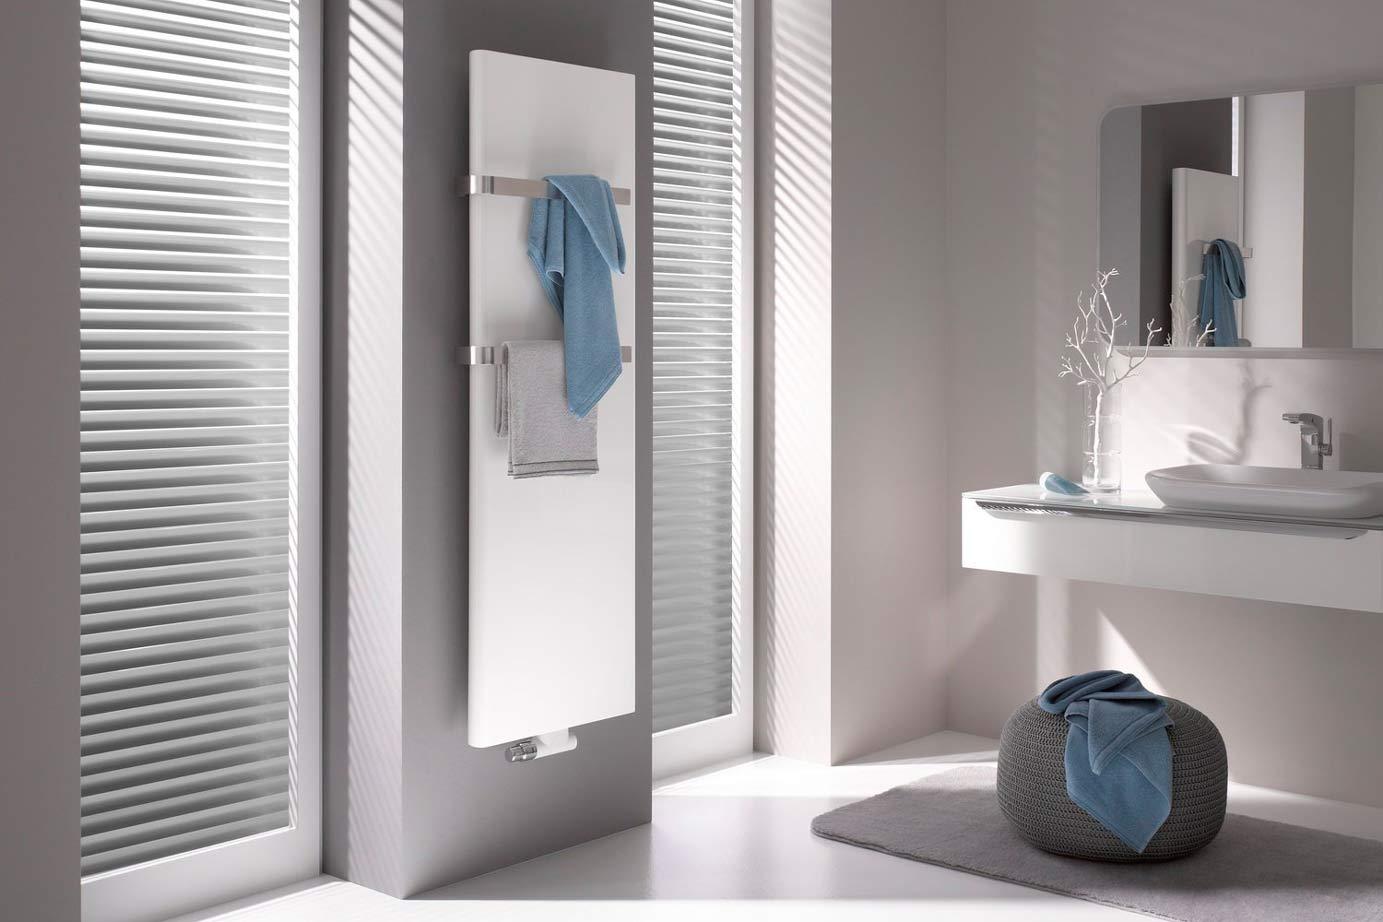 Goedkope Designradiator Keuken : Hebt u weleens aan een design radiator gedacht?